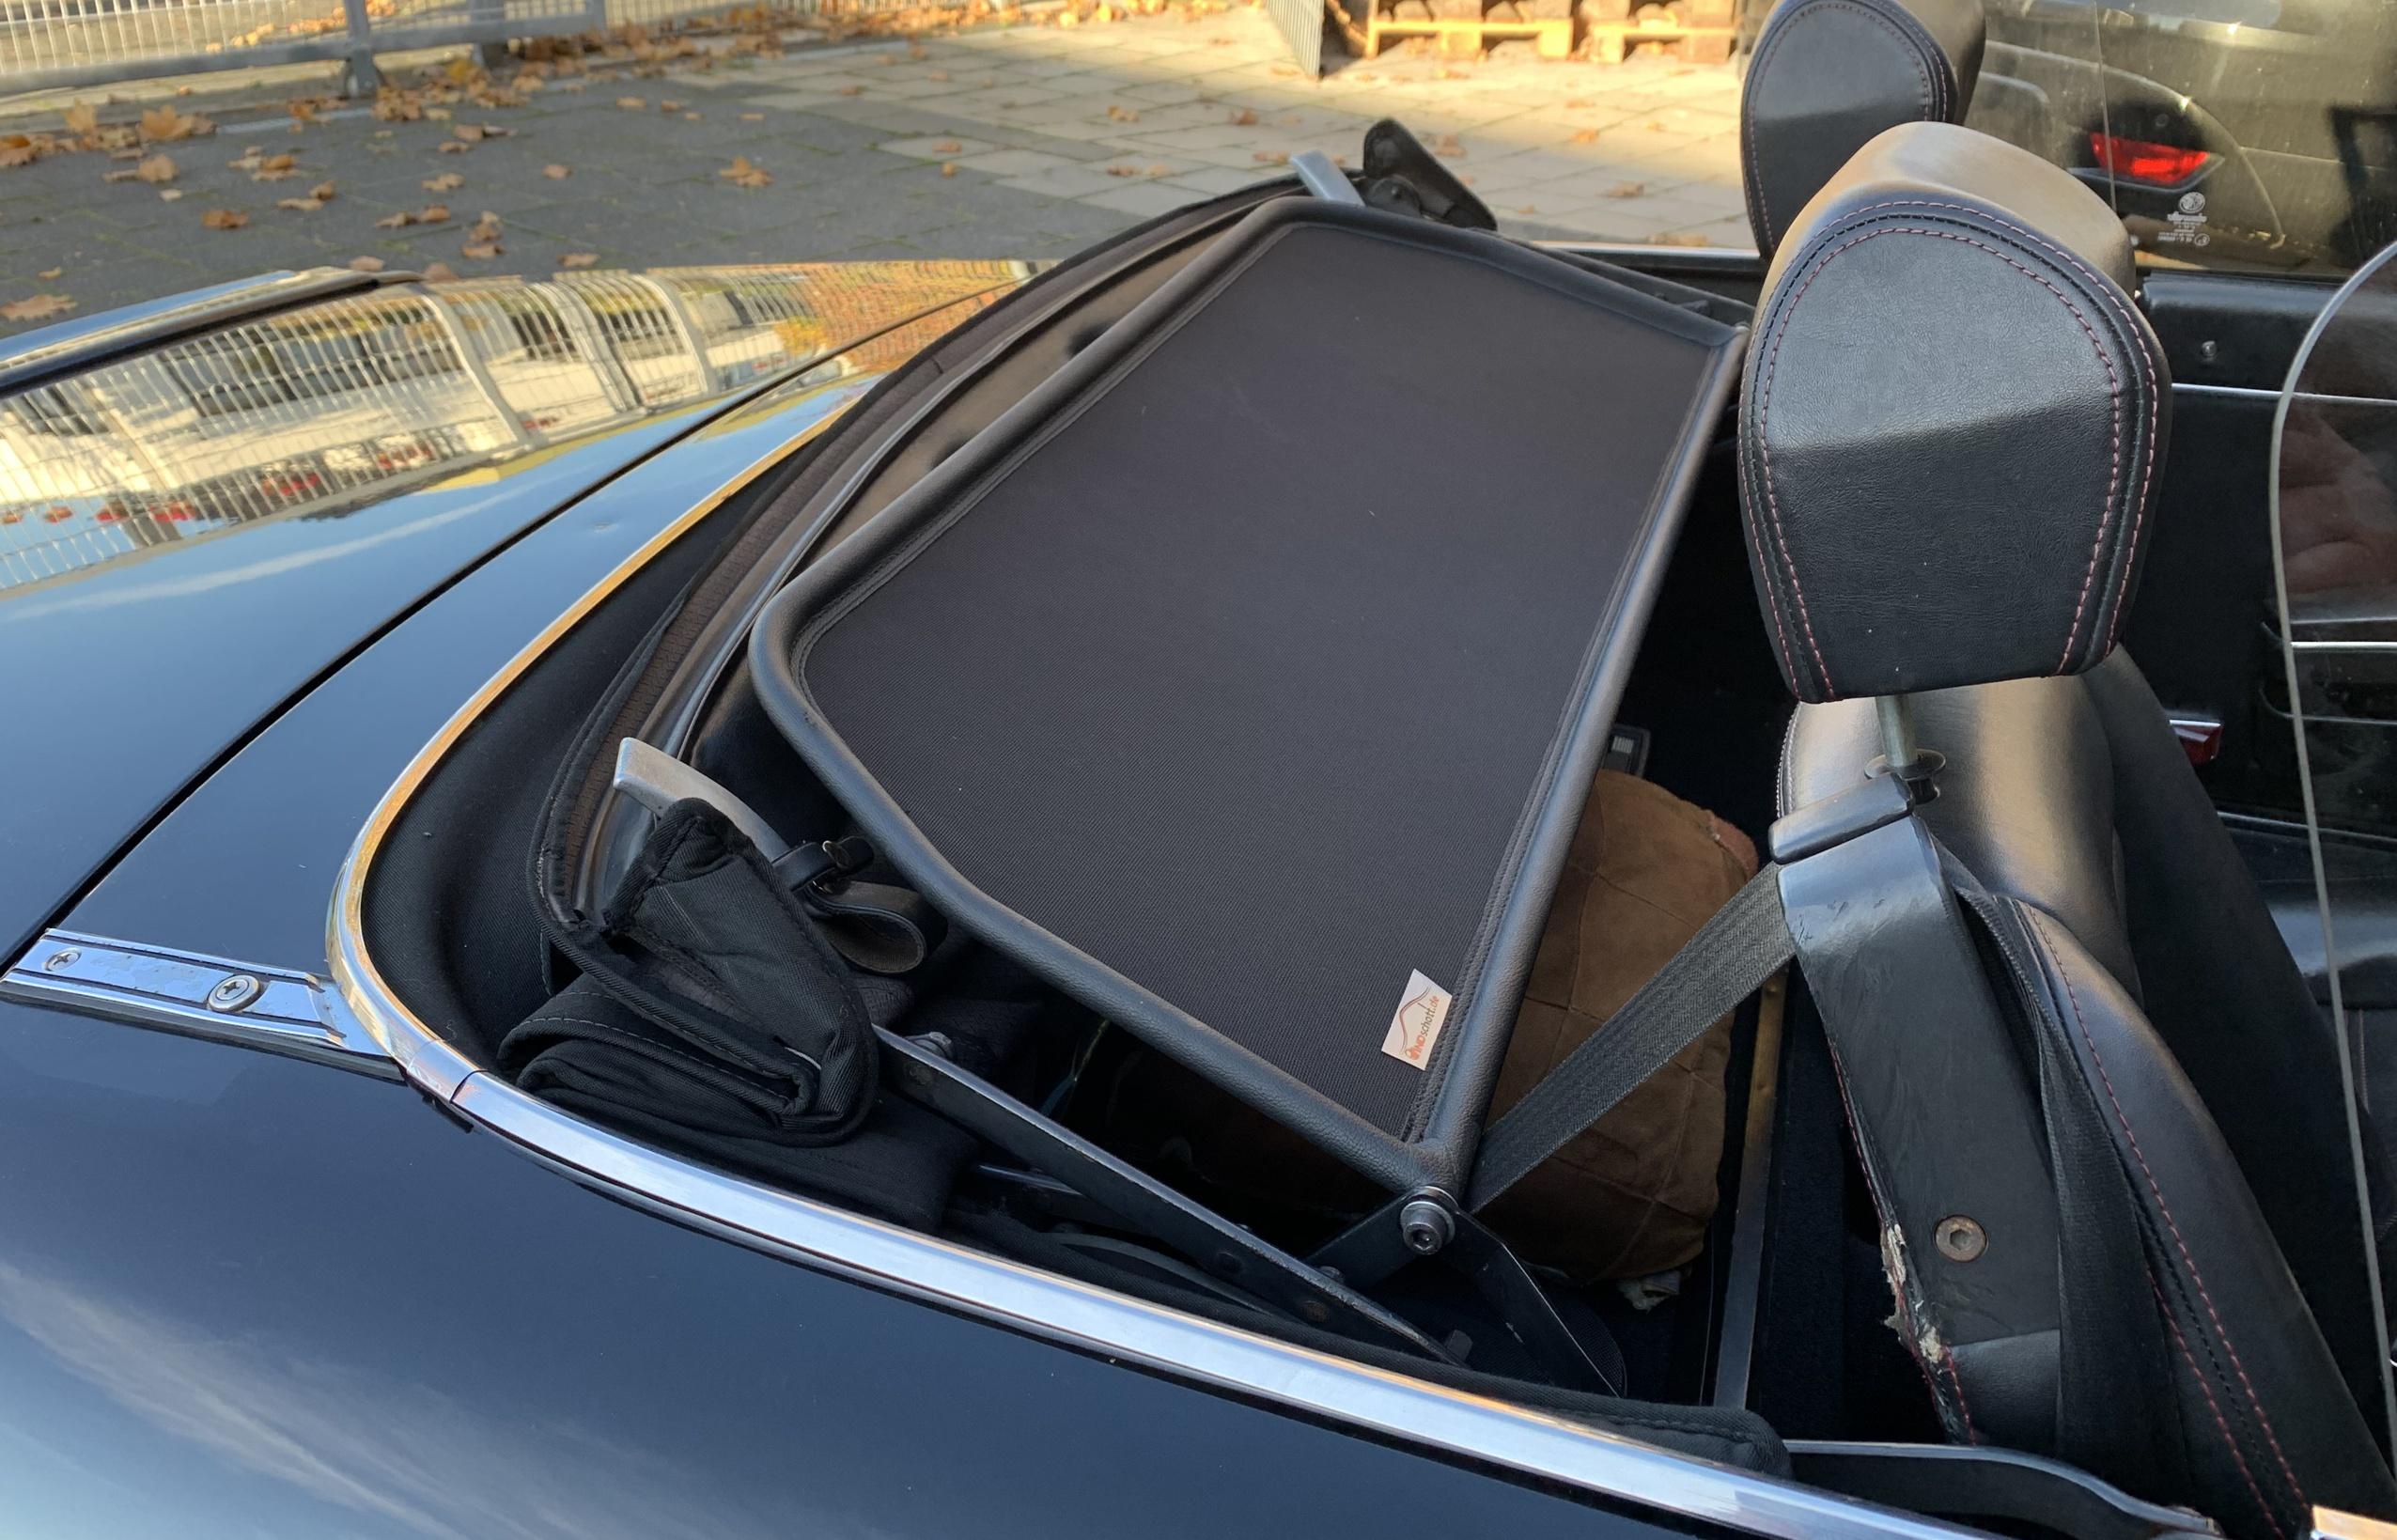 generación bj1964-1994 Airax deflector de viento para Alfa Romeo fastback Spider 115 4